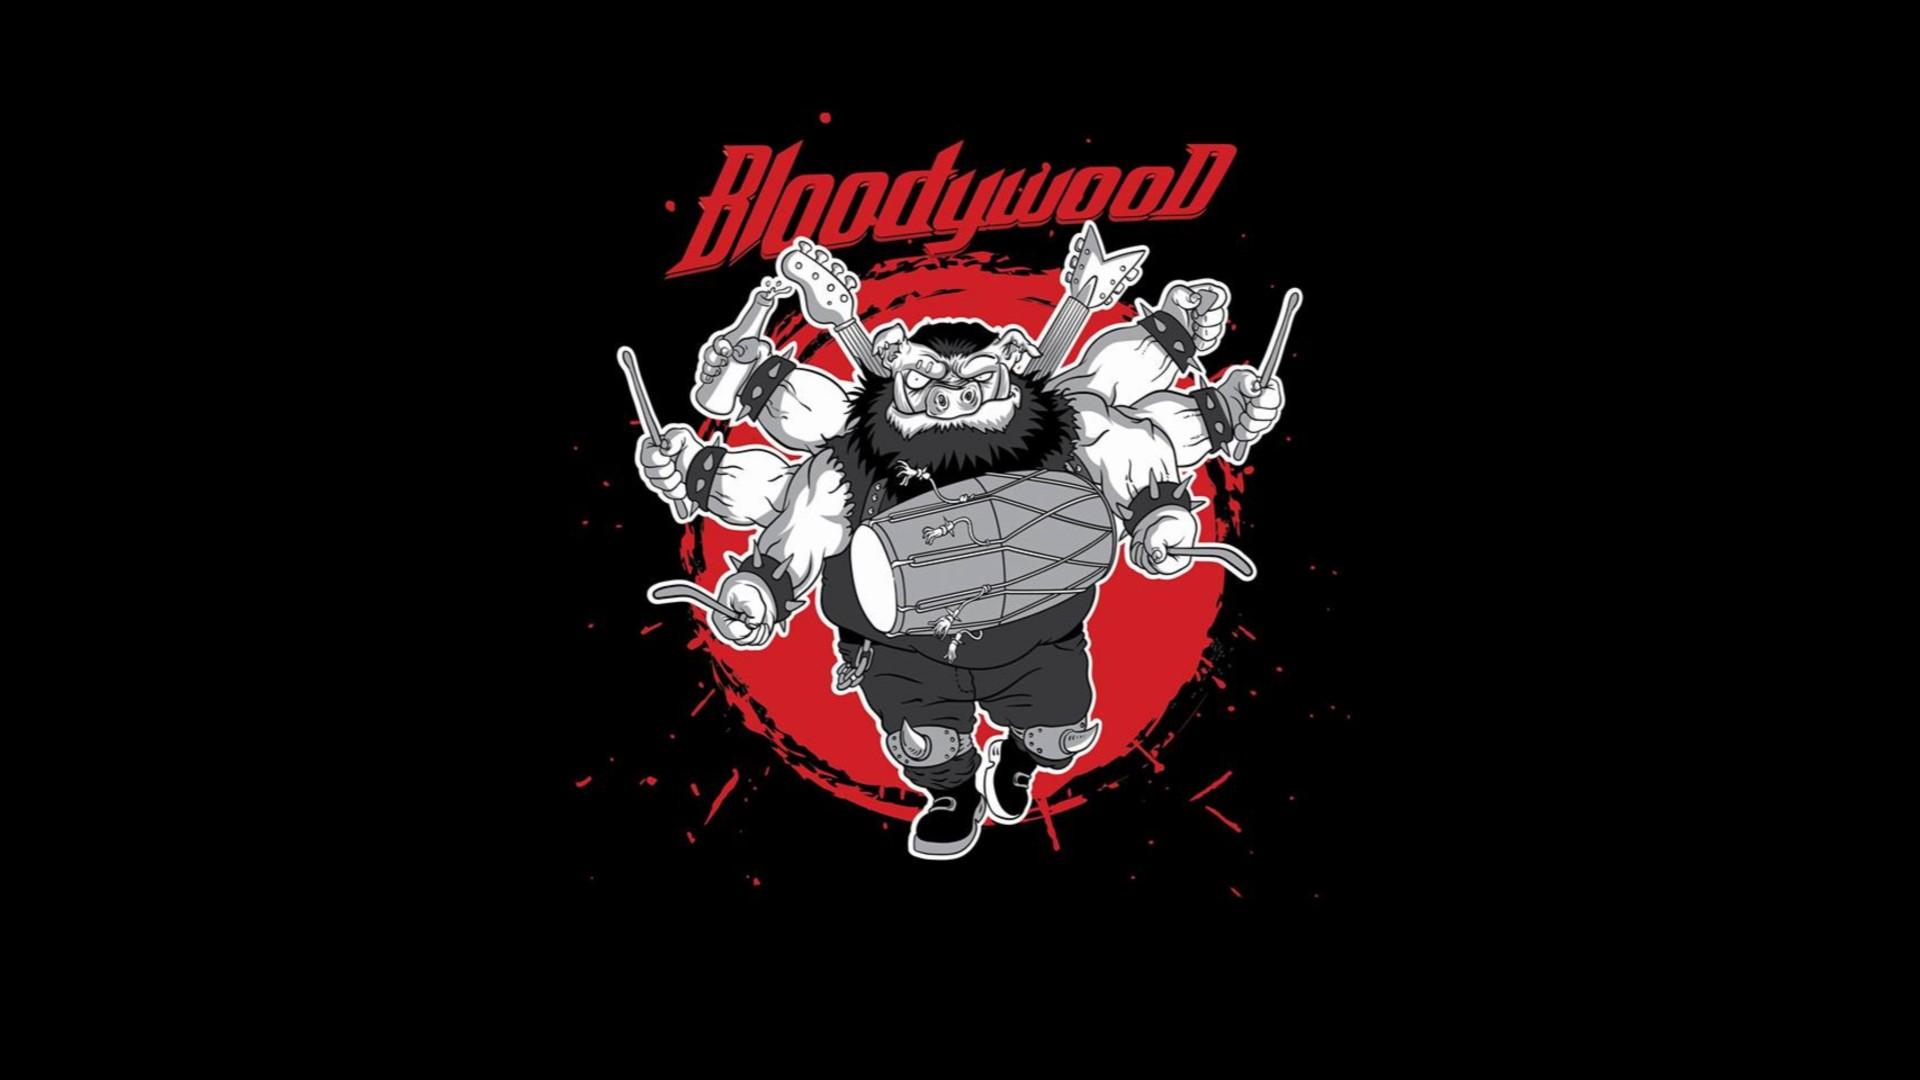 ilmainen toimitus uk myymälä korkealaatuinen HIGHLIGHTS: When Bloodywood take metal to the streets of ...